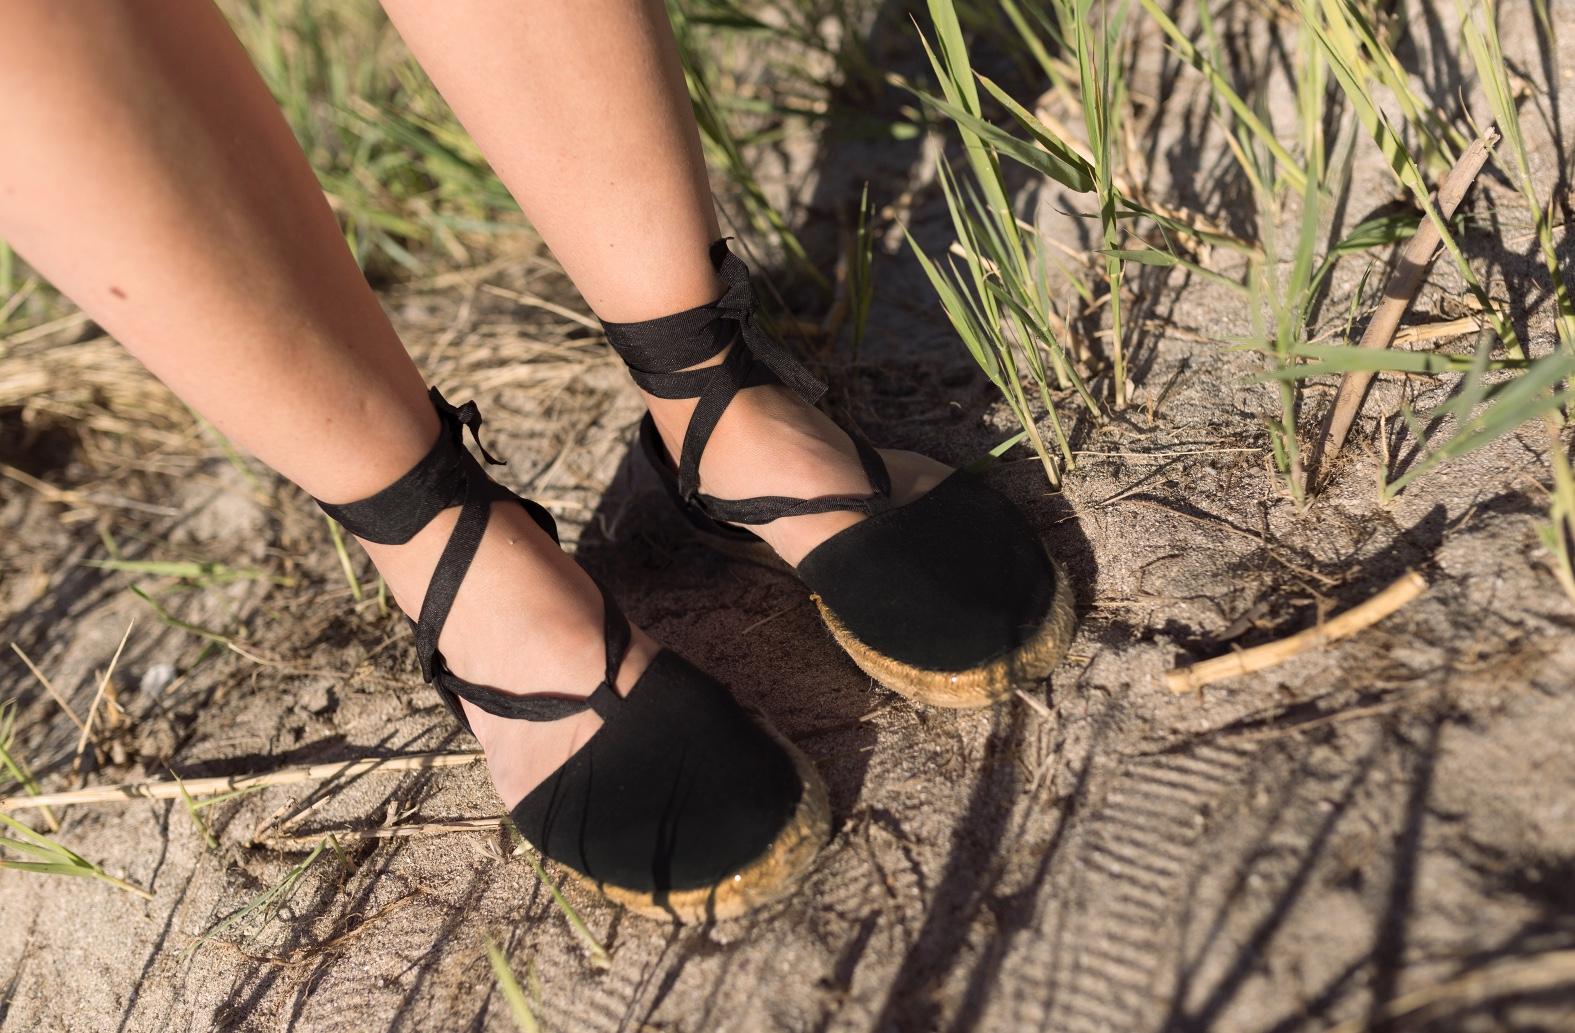 alpargatas -H&M- alpargatas negras-stylelovely-descalzaporelparque-ZARA -style-fashion-lifestyle-coruña-bloggers